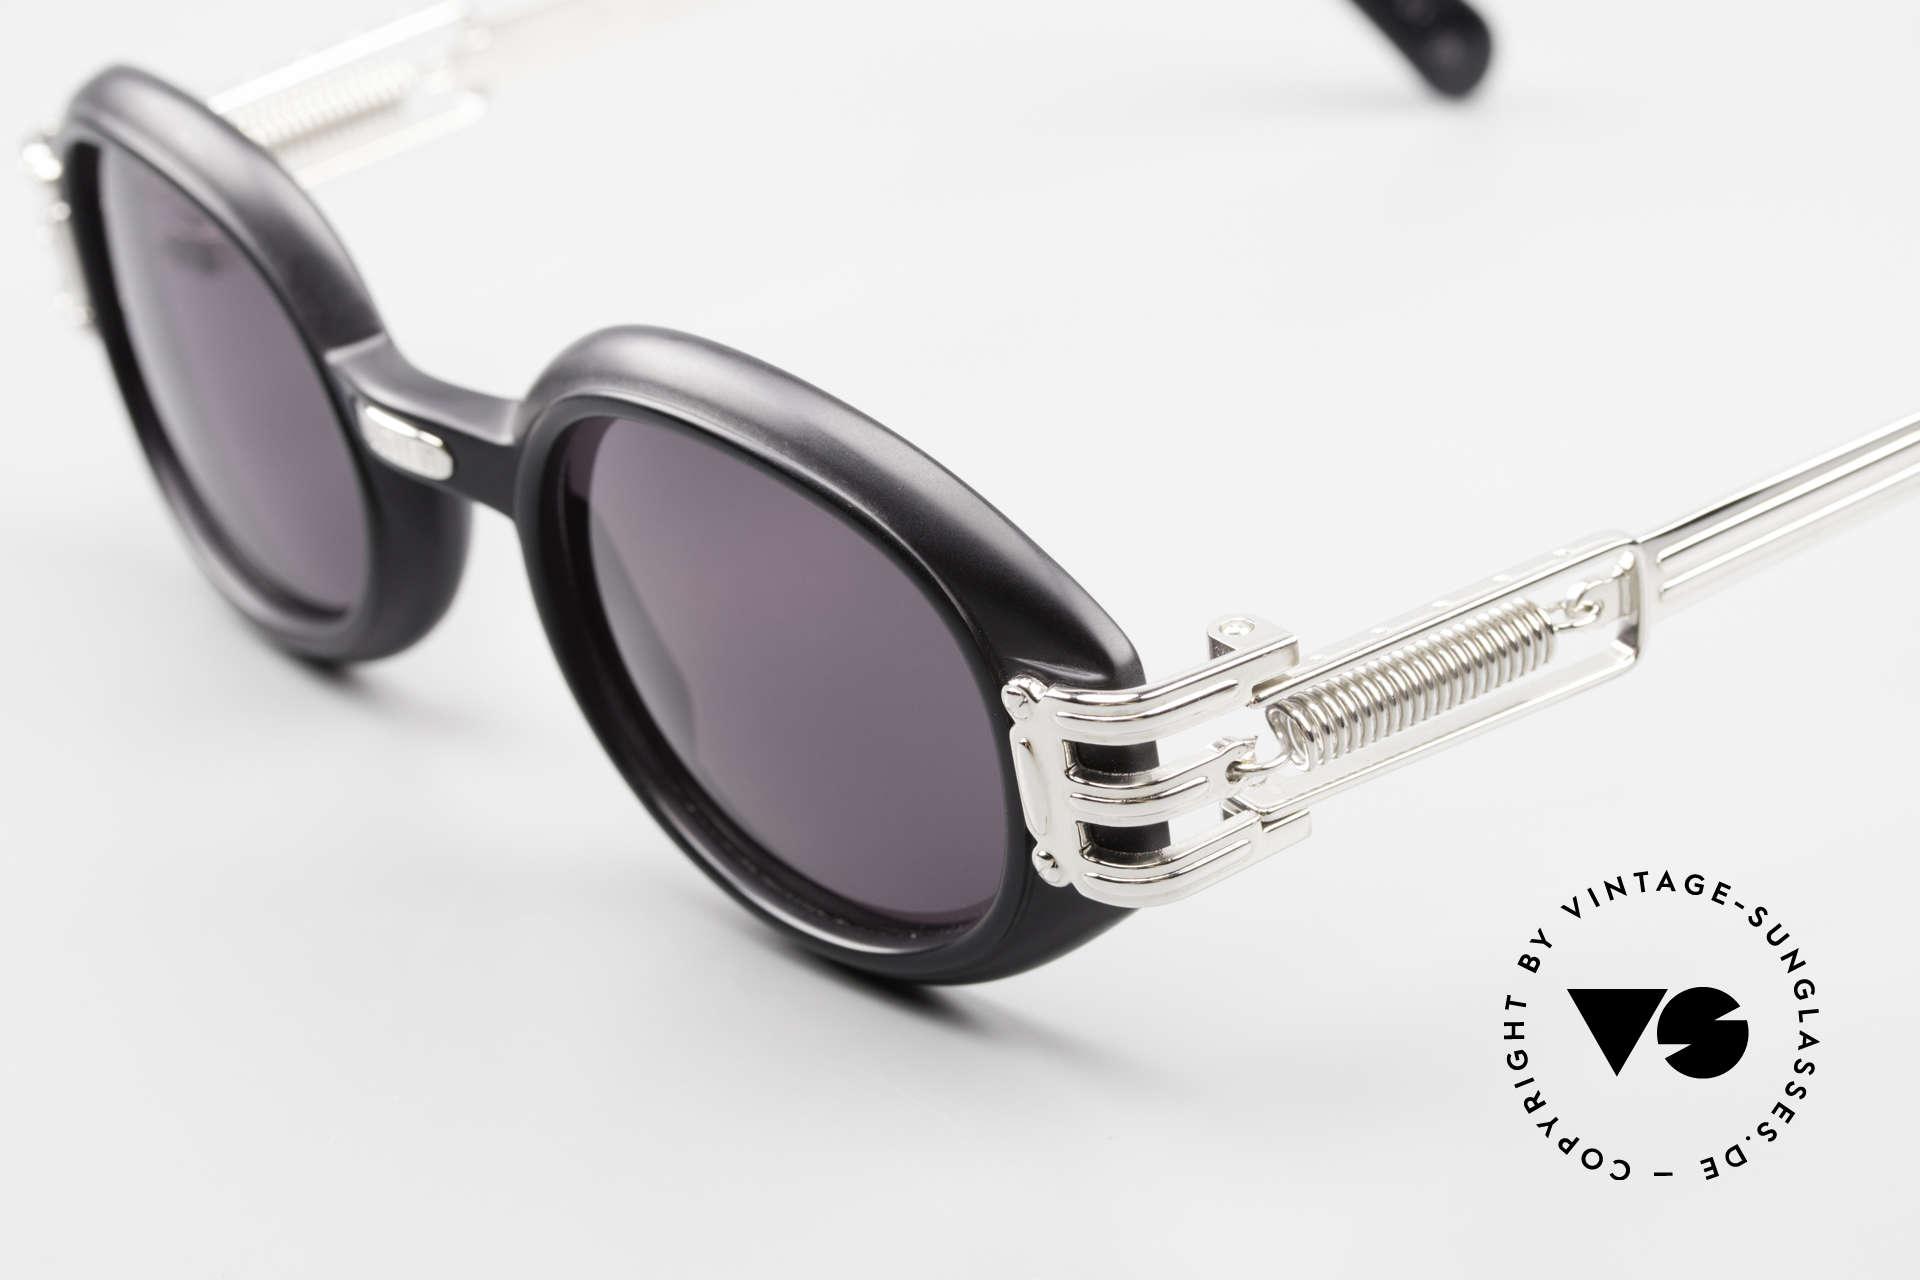 Jean Paul Gaultier 56-5203 Steampunk Sonnenbrille 90er, monumental - (scheinbar für die Ewigkeit gemacht), Passend für Herren und Damen